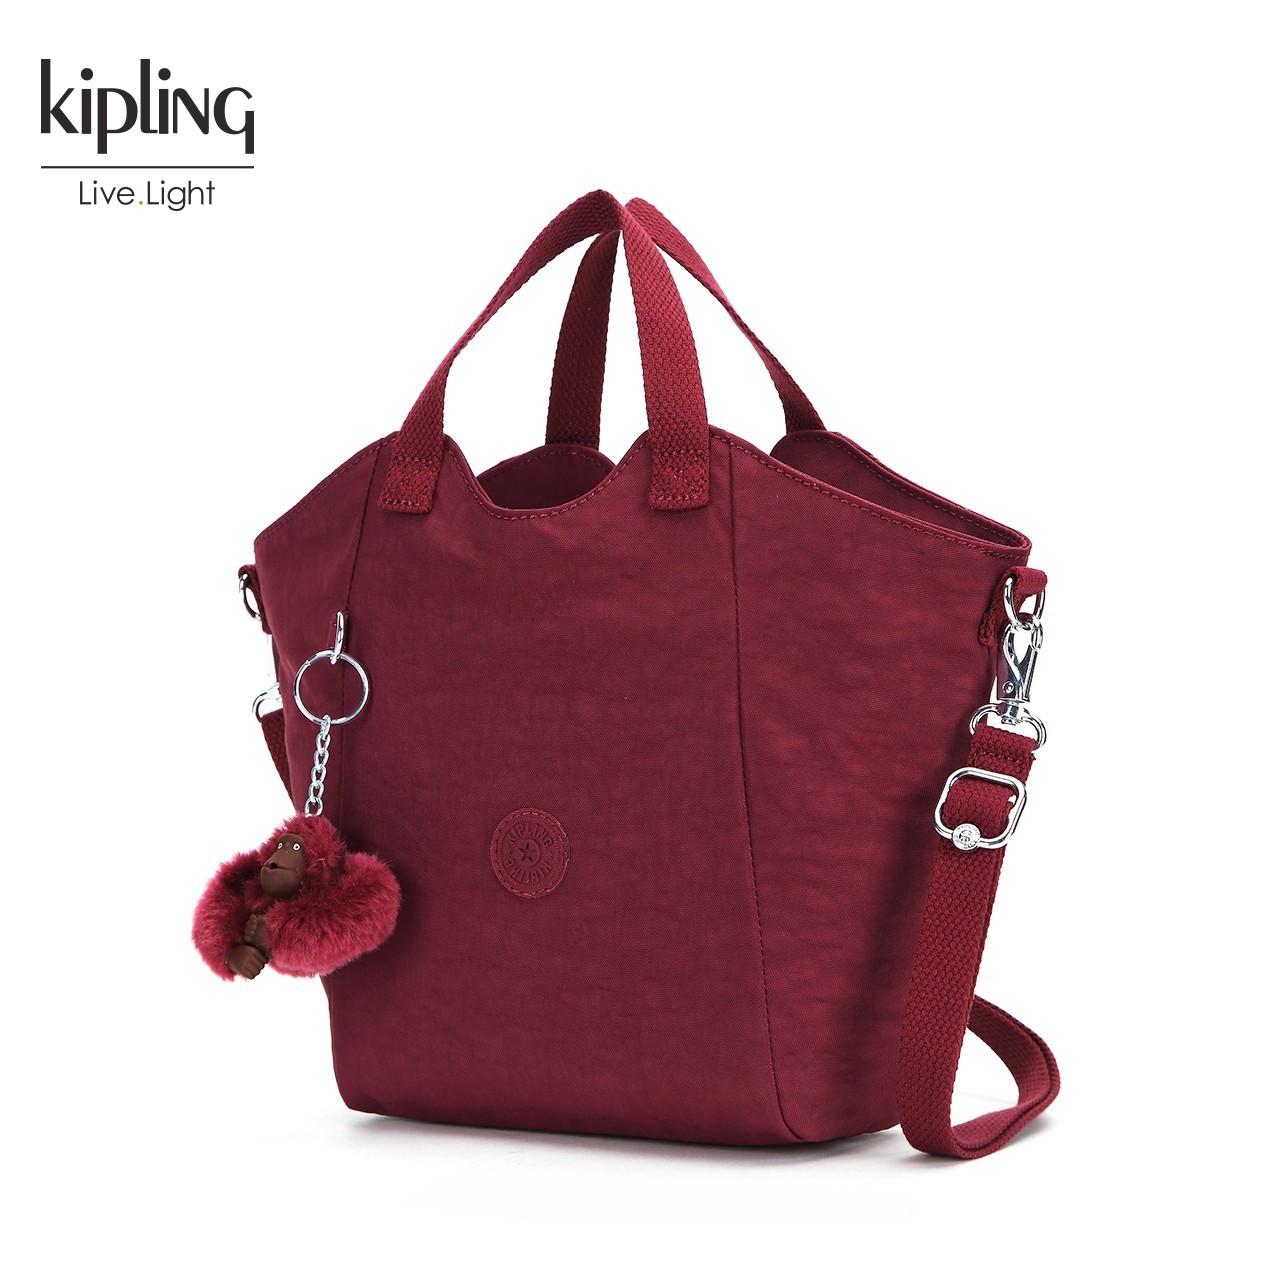 Kipling手提包女2018新款时尚女包K15386大容量蝙蝠包单肩手提包